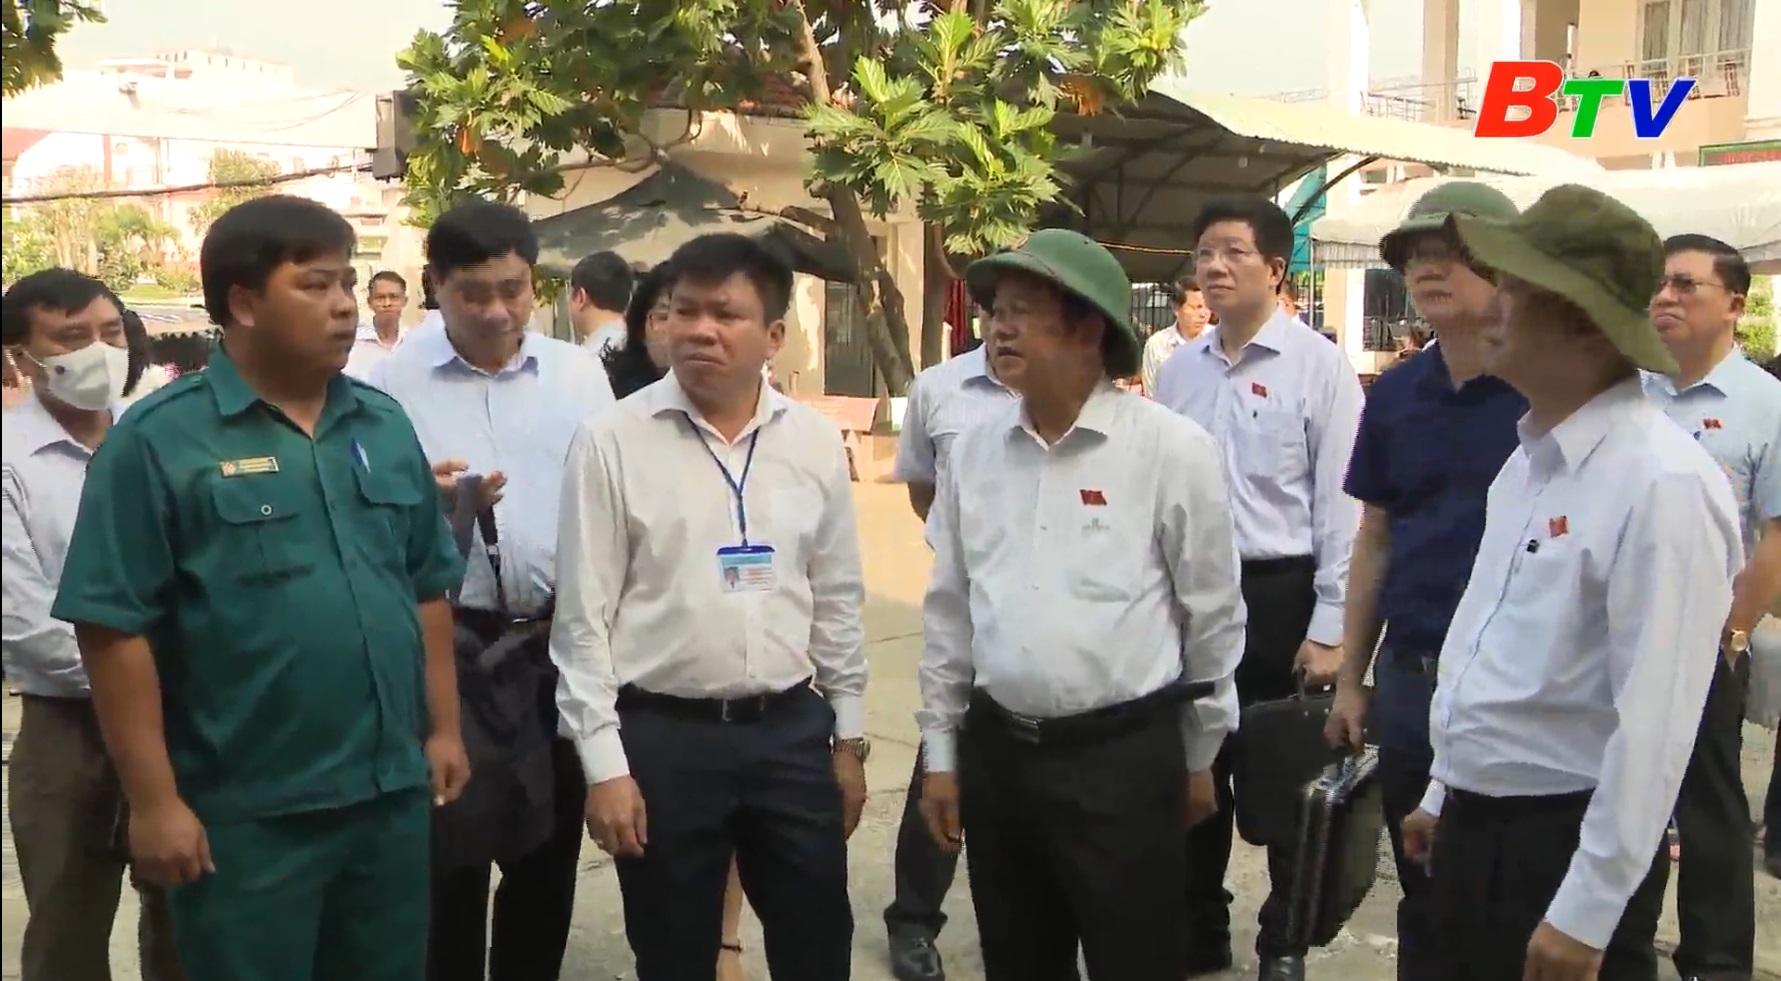 Ủy ban Thường vụ Quốc hội, Hội đồng bầu cử quốc gia kiểm tra công tác chuẩn bị bầu cử tại Thành phố Thuận An